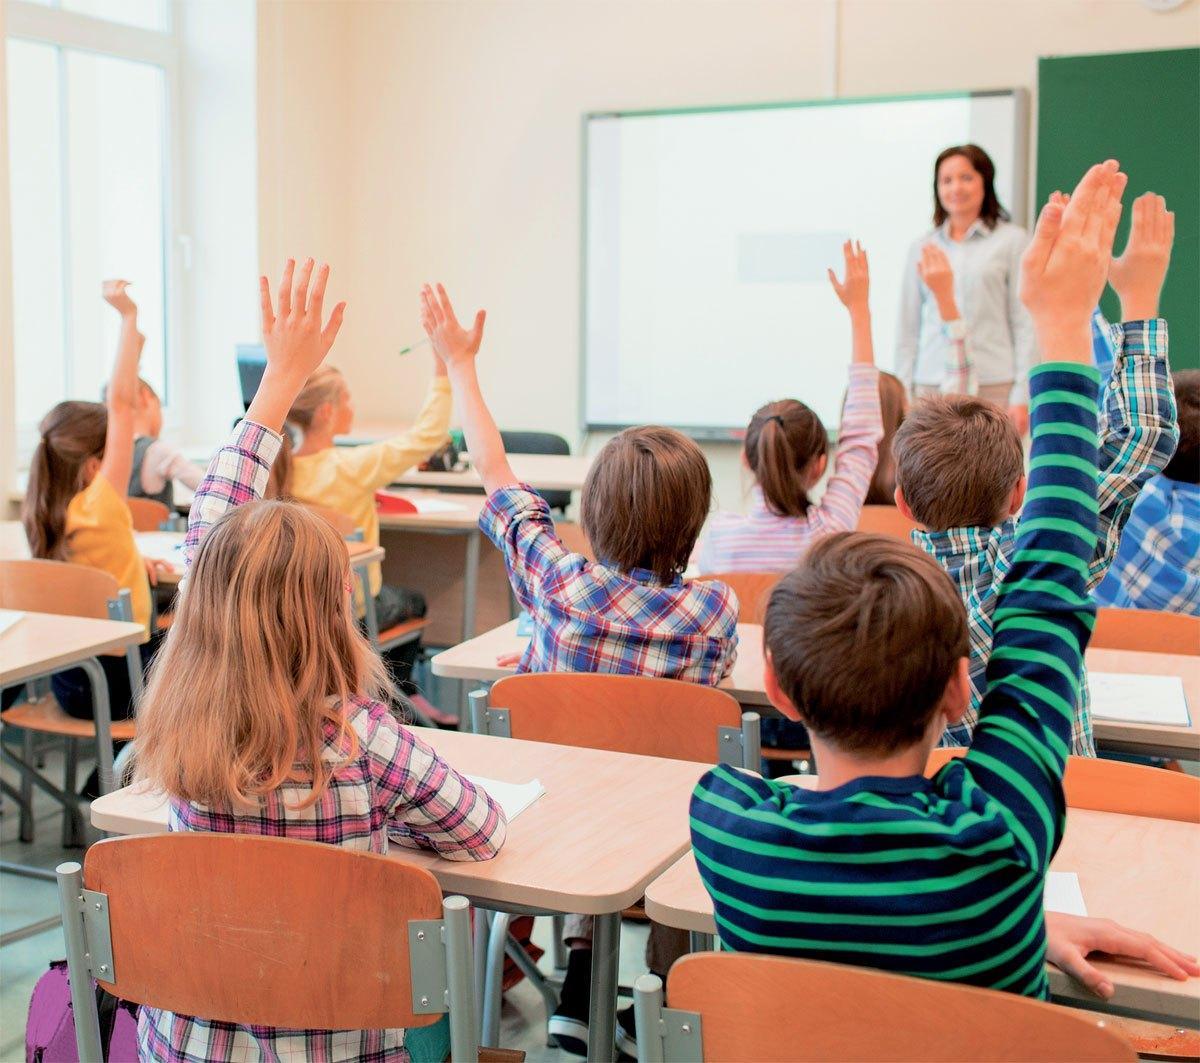 Δημοτικά σχολεία και νηπιαγωγεία : Πότε κλείνουν για καλοκαίρι;